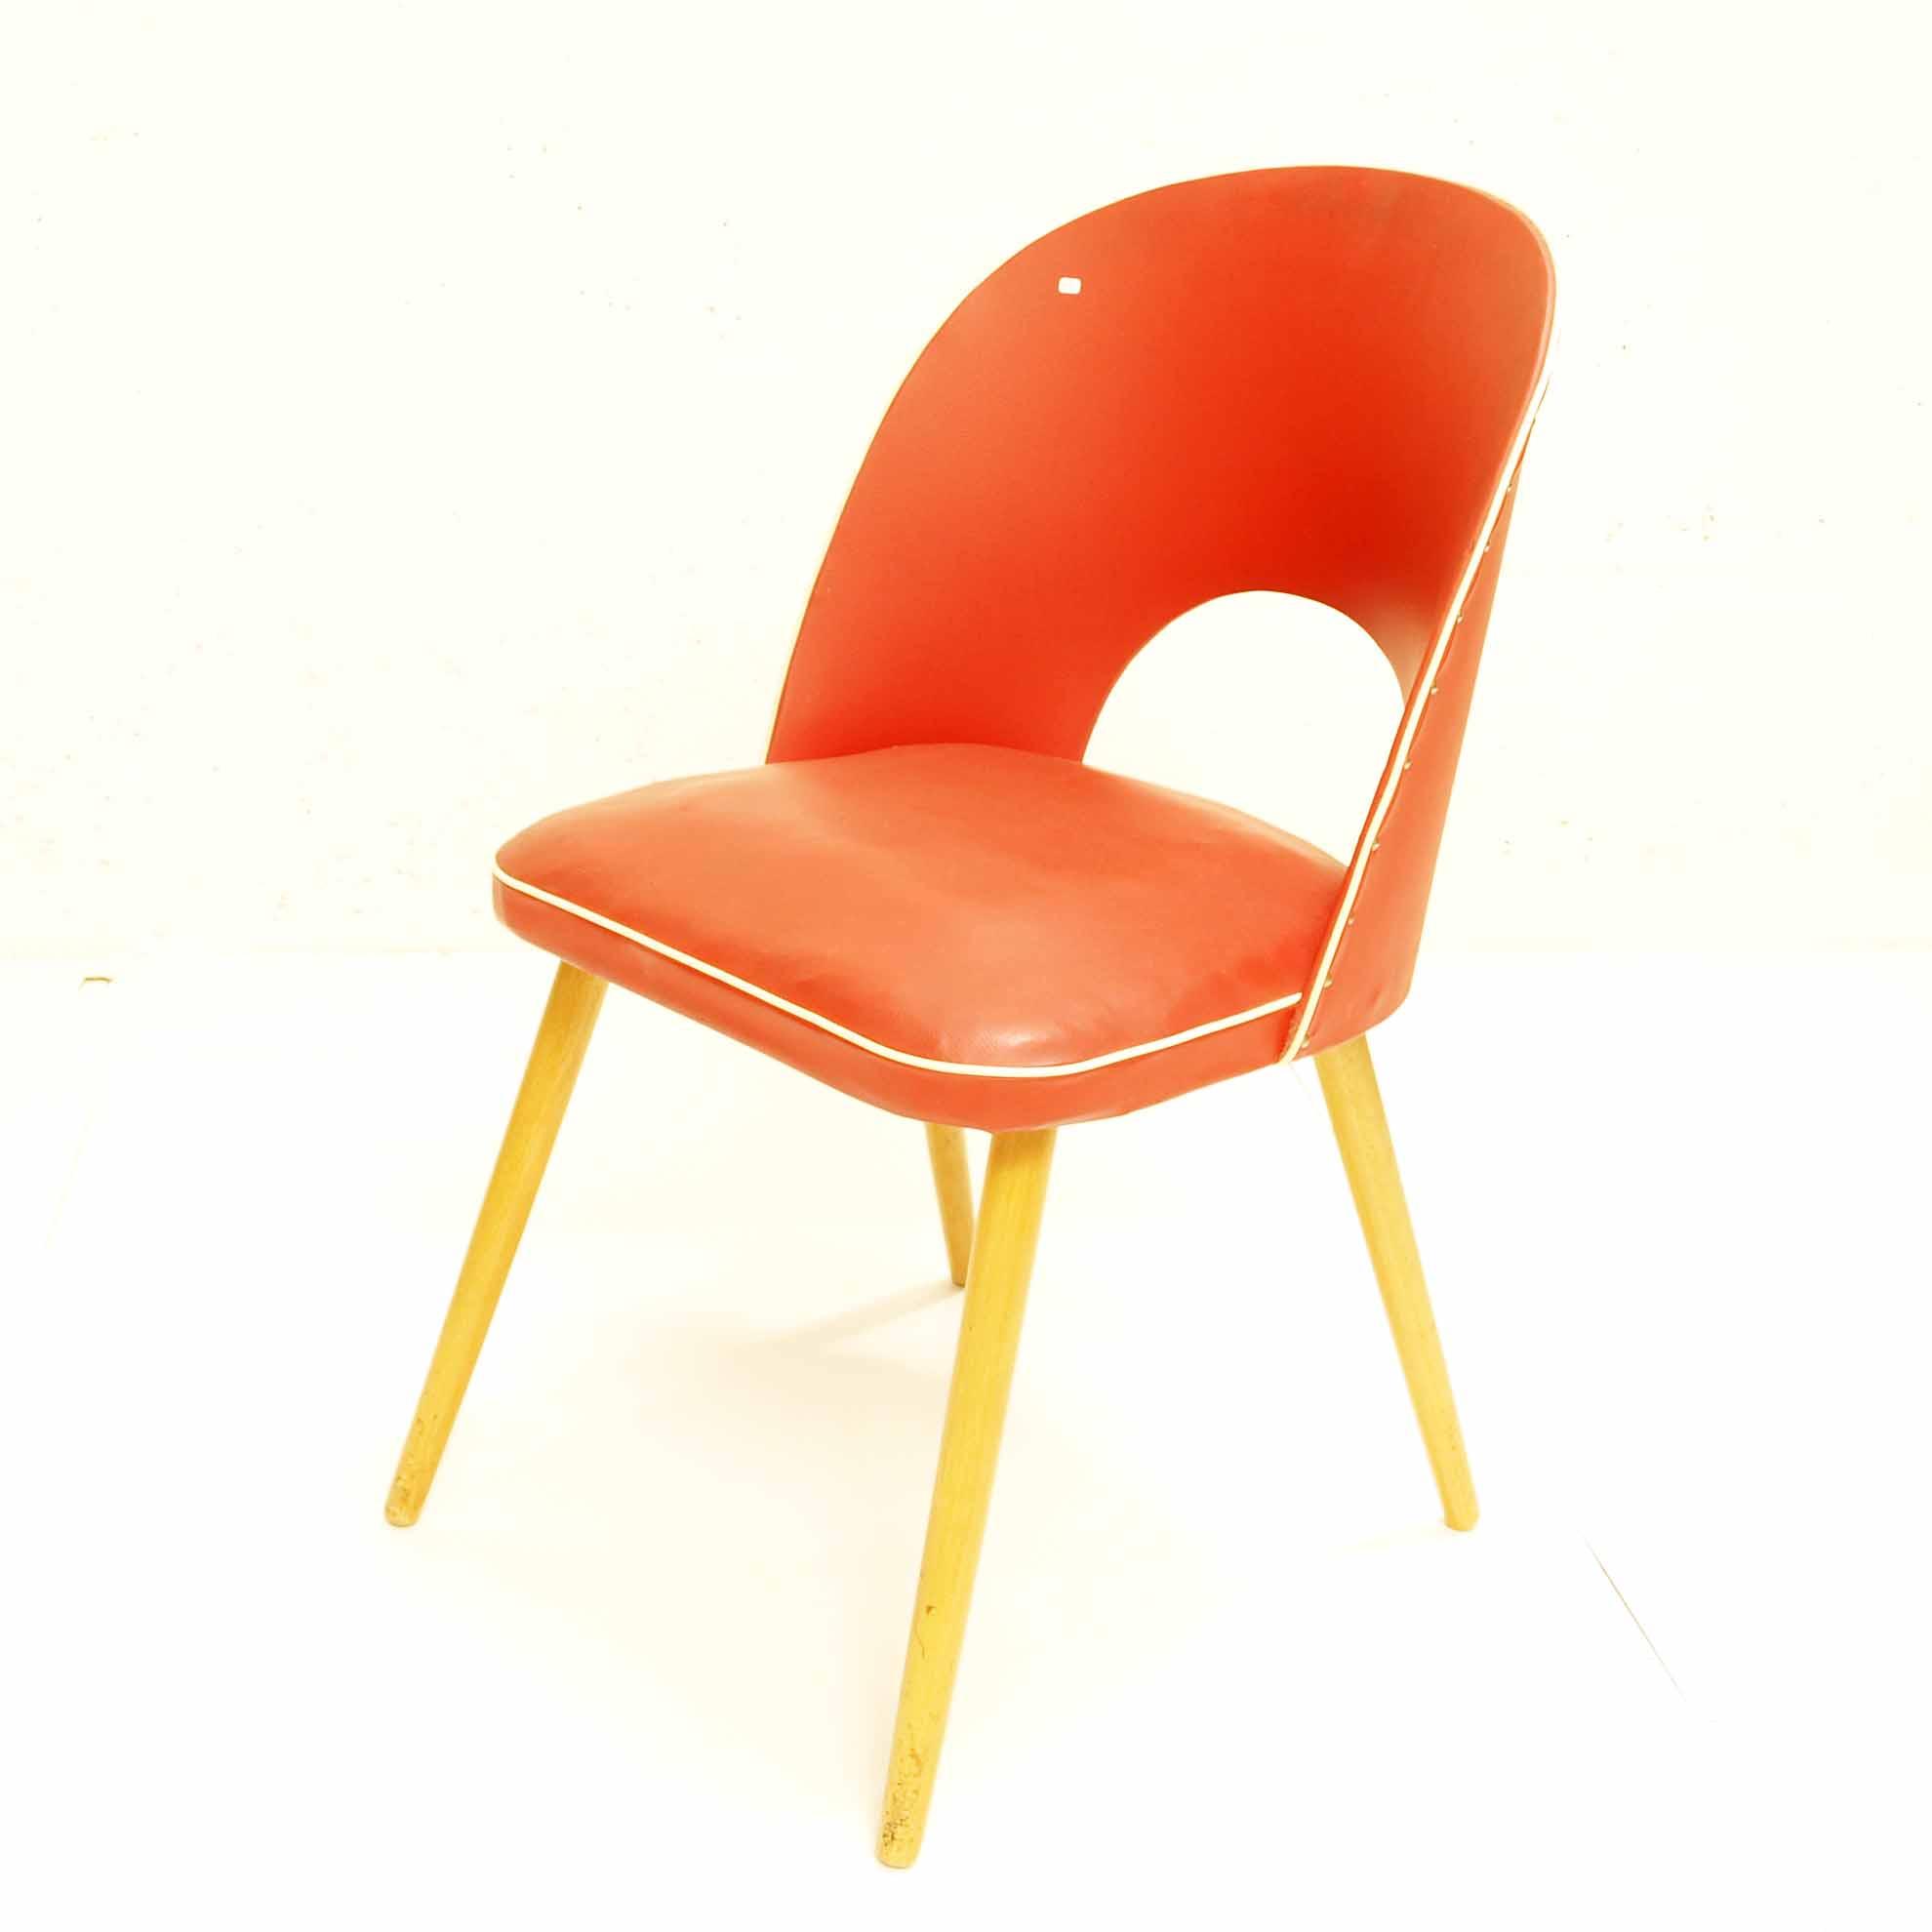 thonet cocktail chair m bel z rich vintagem bel. Black Bedroom Furniture Sets. Home Design Ideas